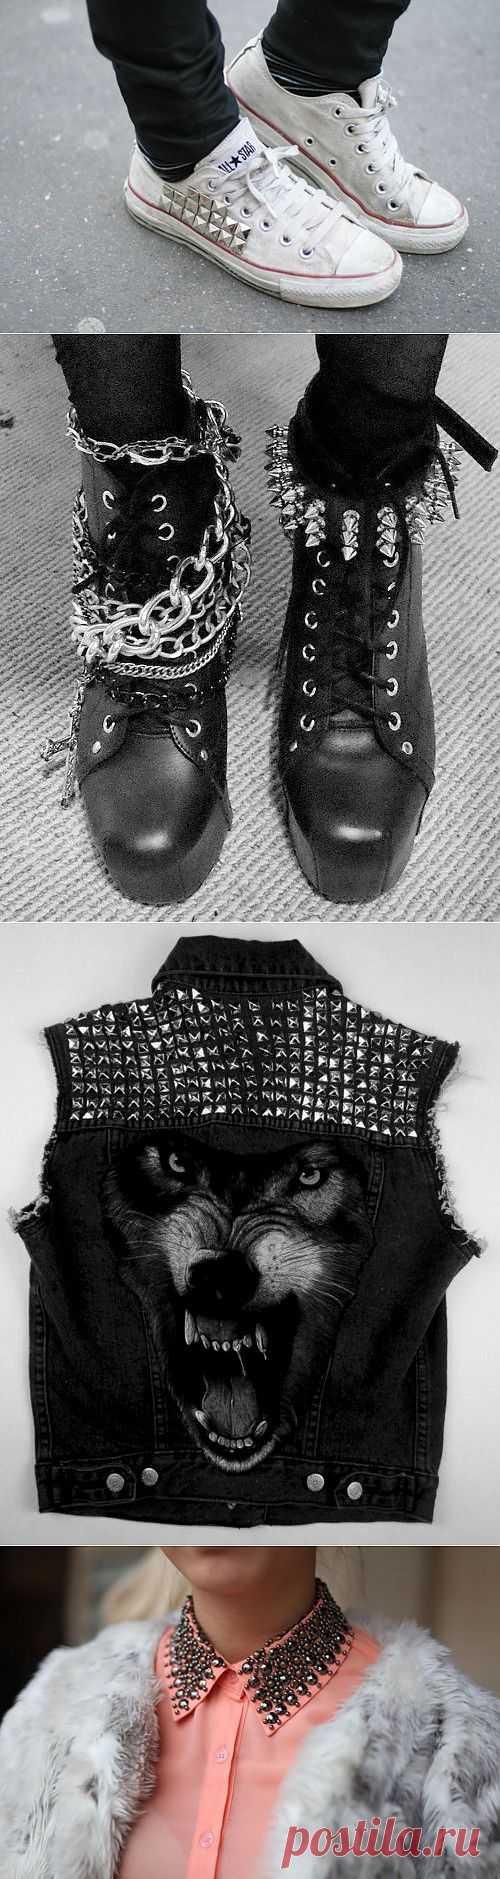 Новые идеи с шипами и клепками / Декор / Модный сайт о стильной переделке одежды и интерьера